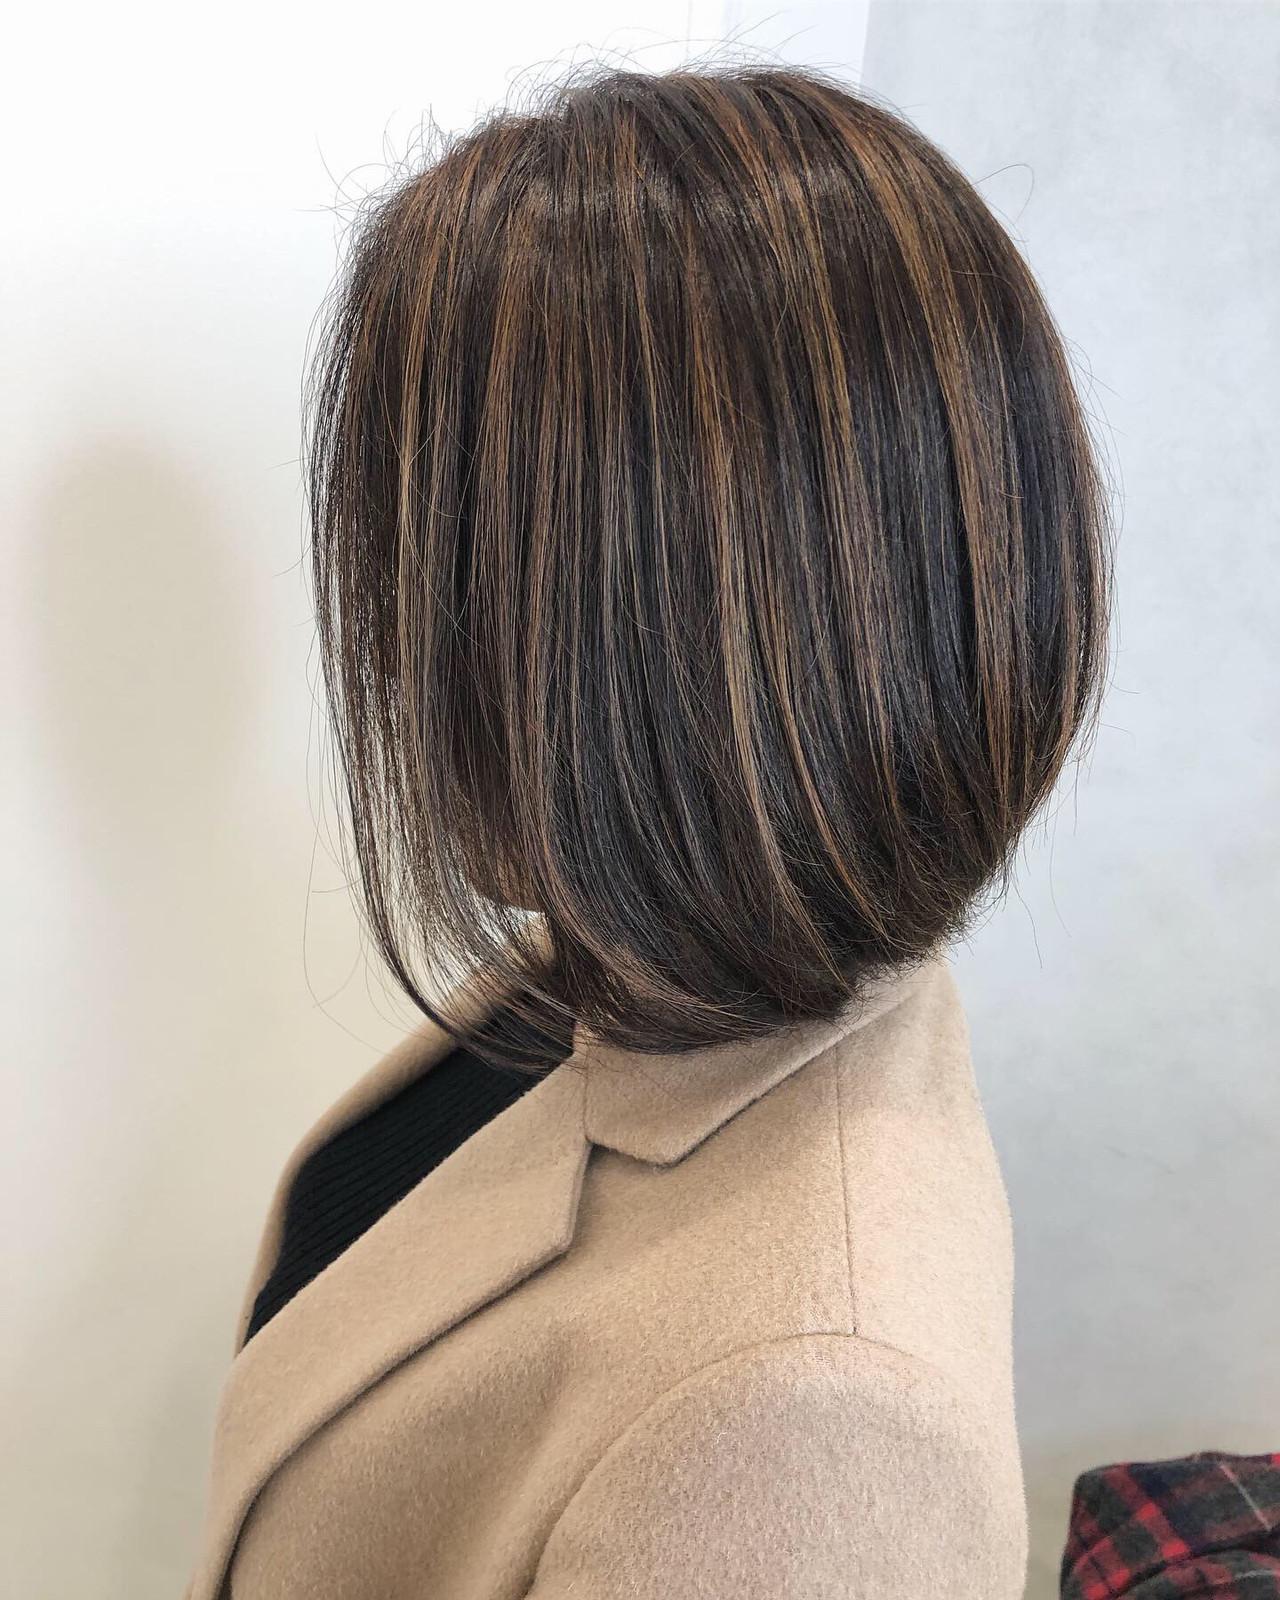 ミニボブ 大人かわいい ベージュ 3Dハイライト ヘアスタイルや髪型の写真・画像